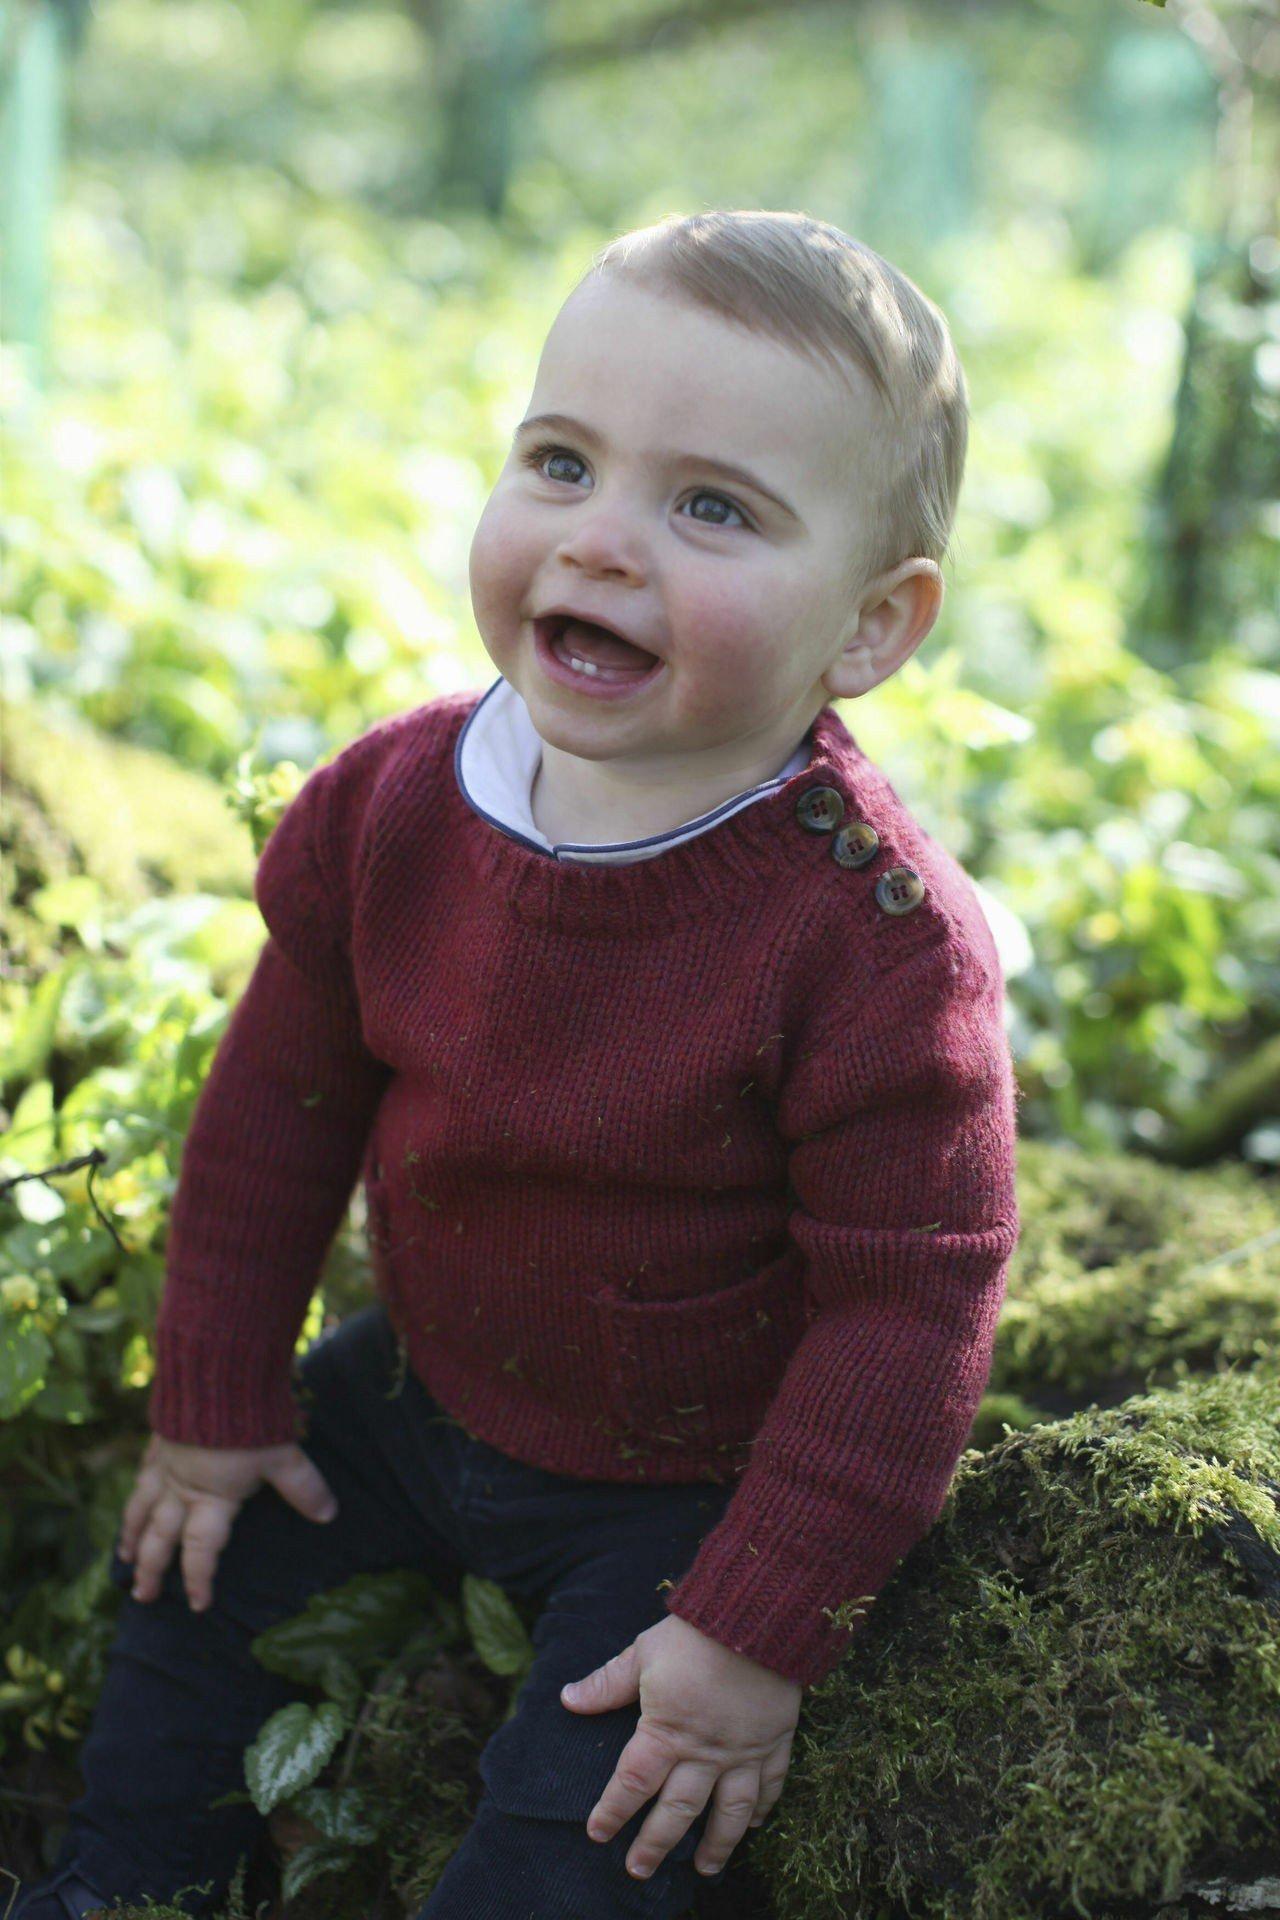 路易王子將滿一歲,肯辛頓宮公布他的照片。美聯社